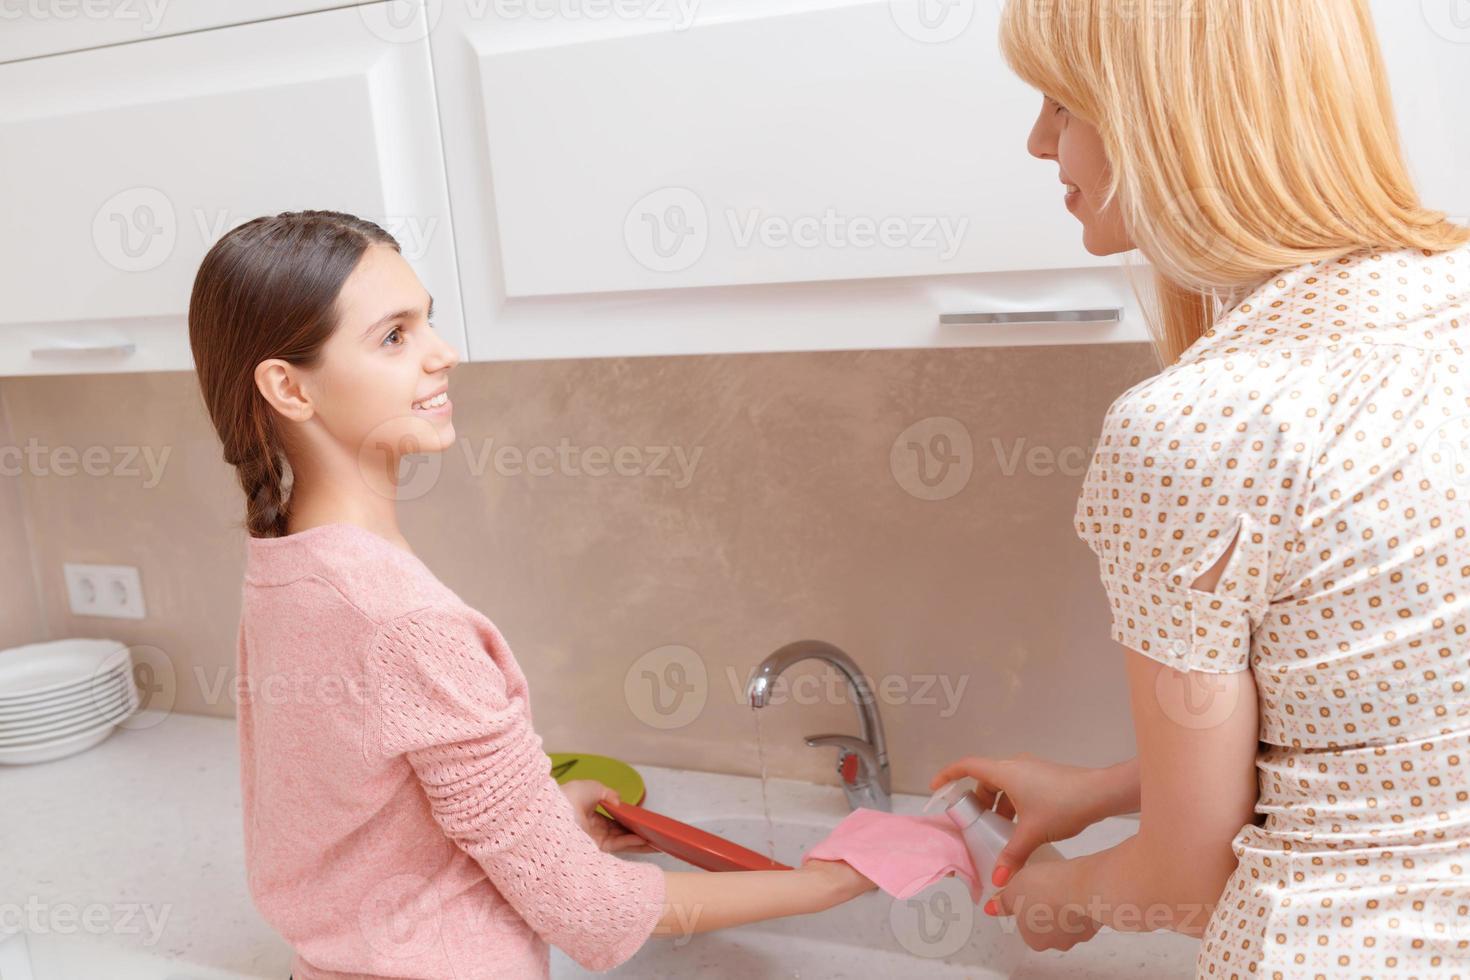 madre e figlia lavano i piatti foto